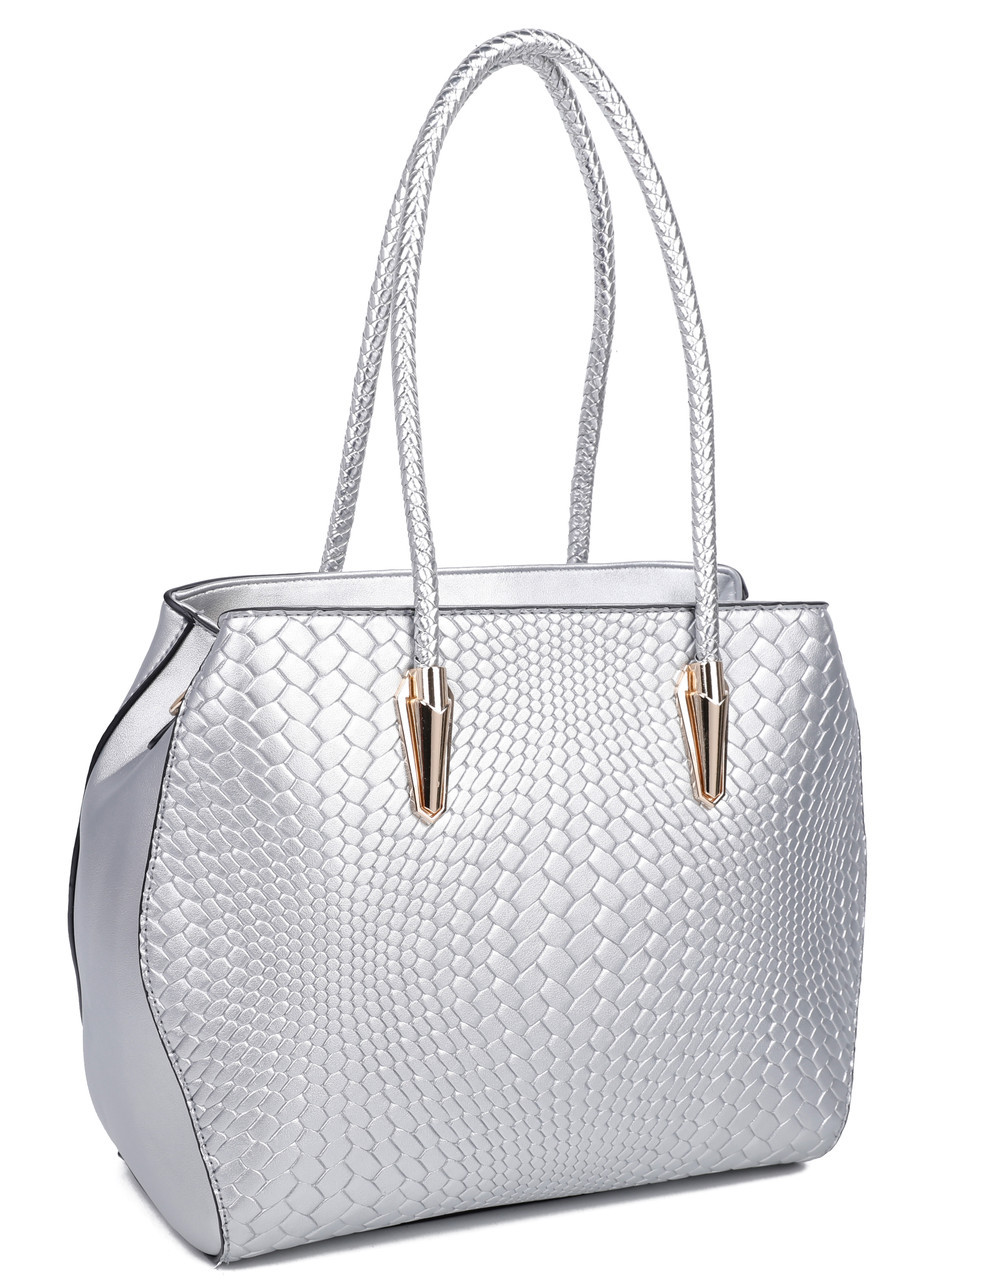 aa8db8115ab1 Купить Женская сумка 1202 Silver купить сумку женскую недорого ...